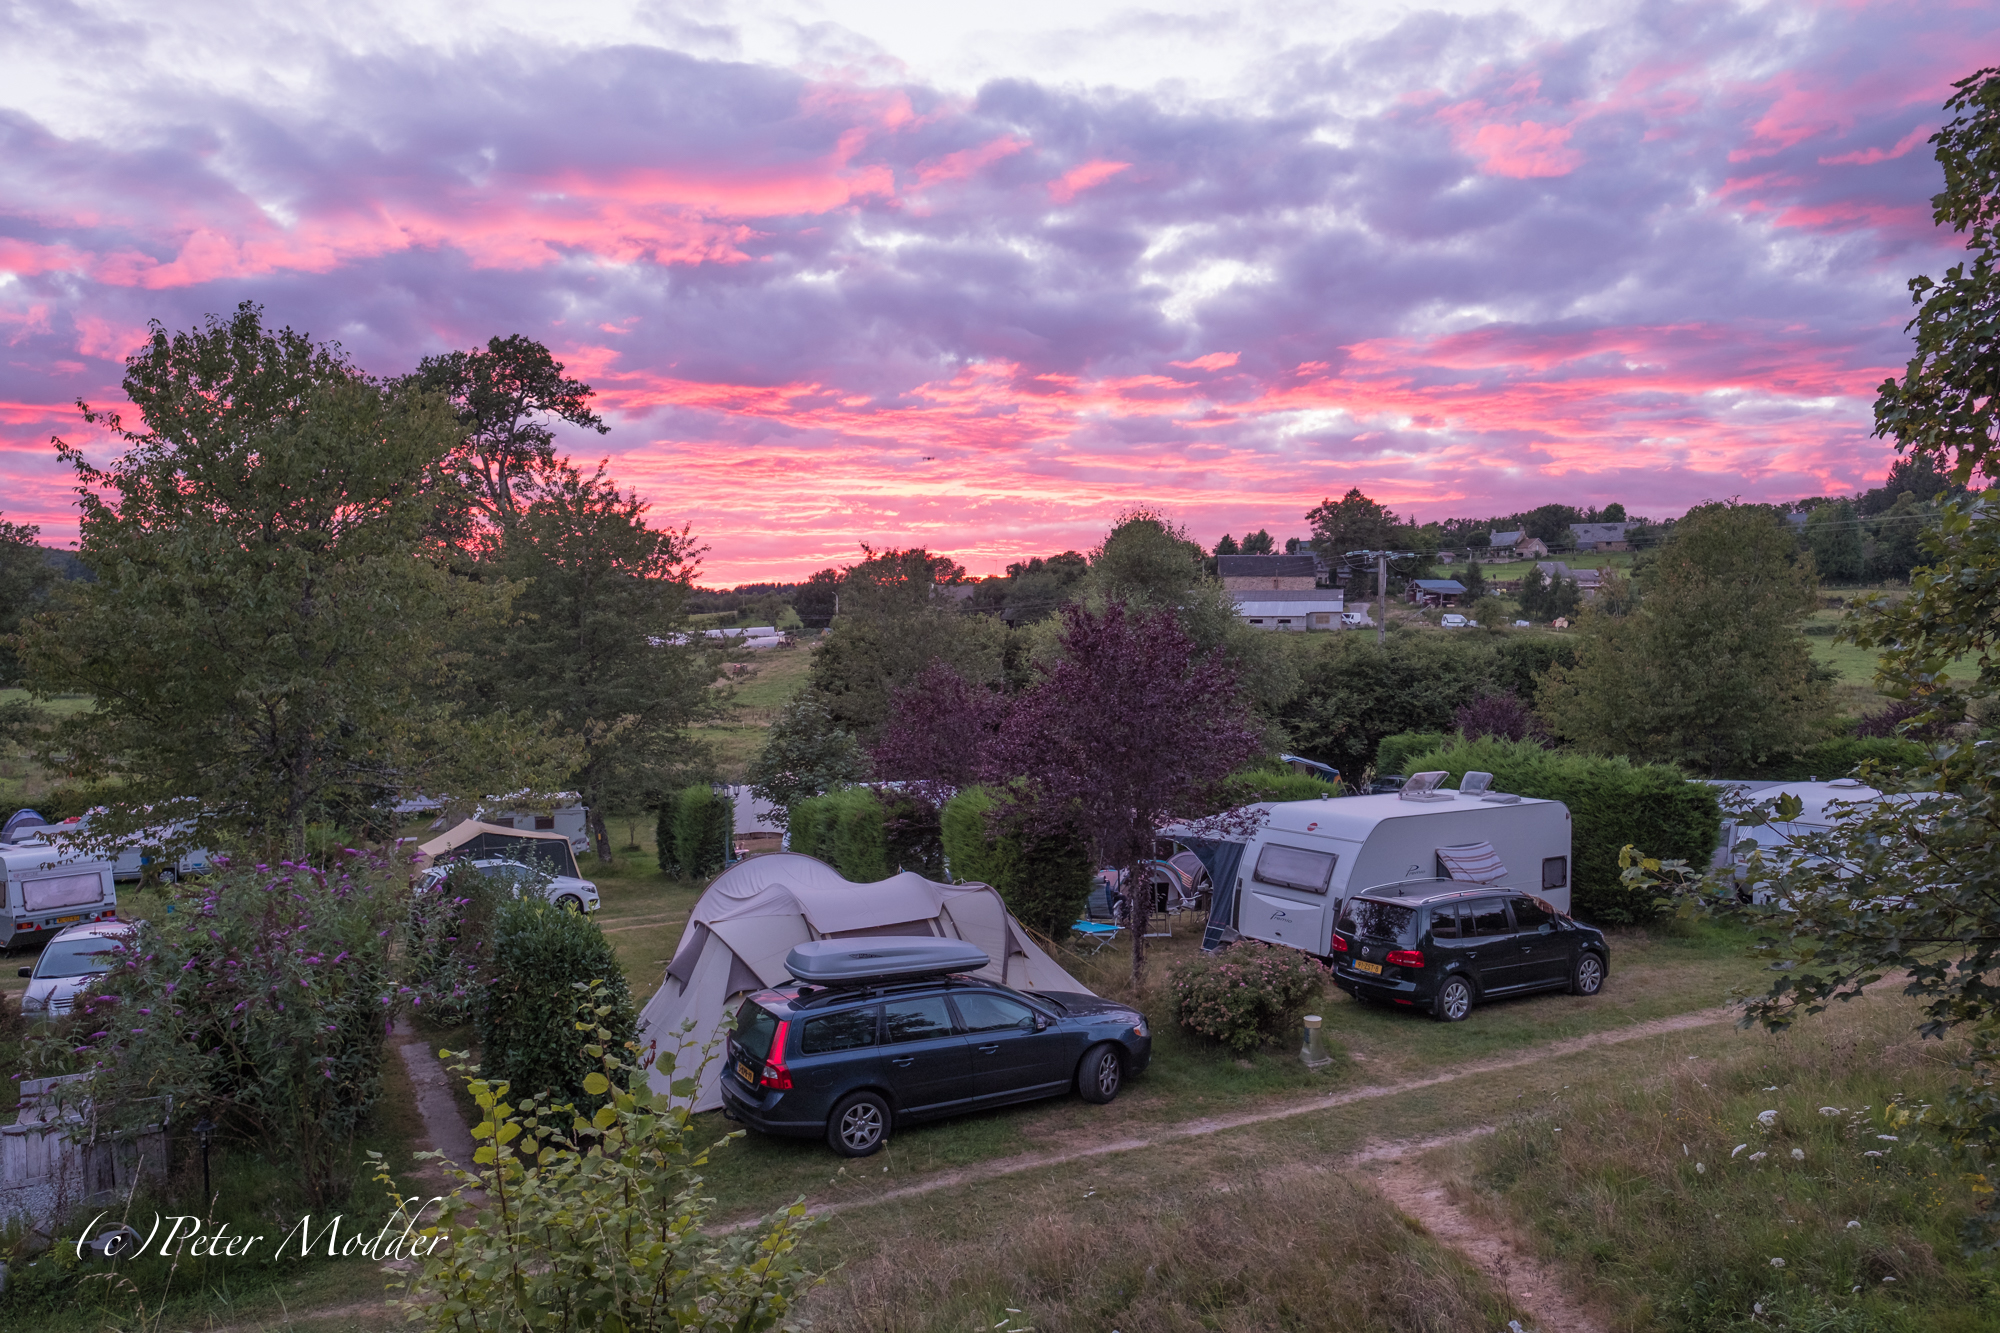 Avondschemering op de camping